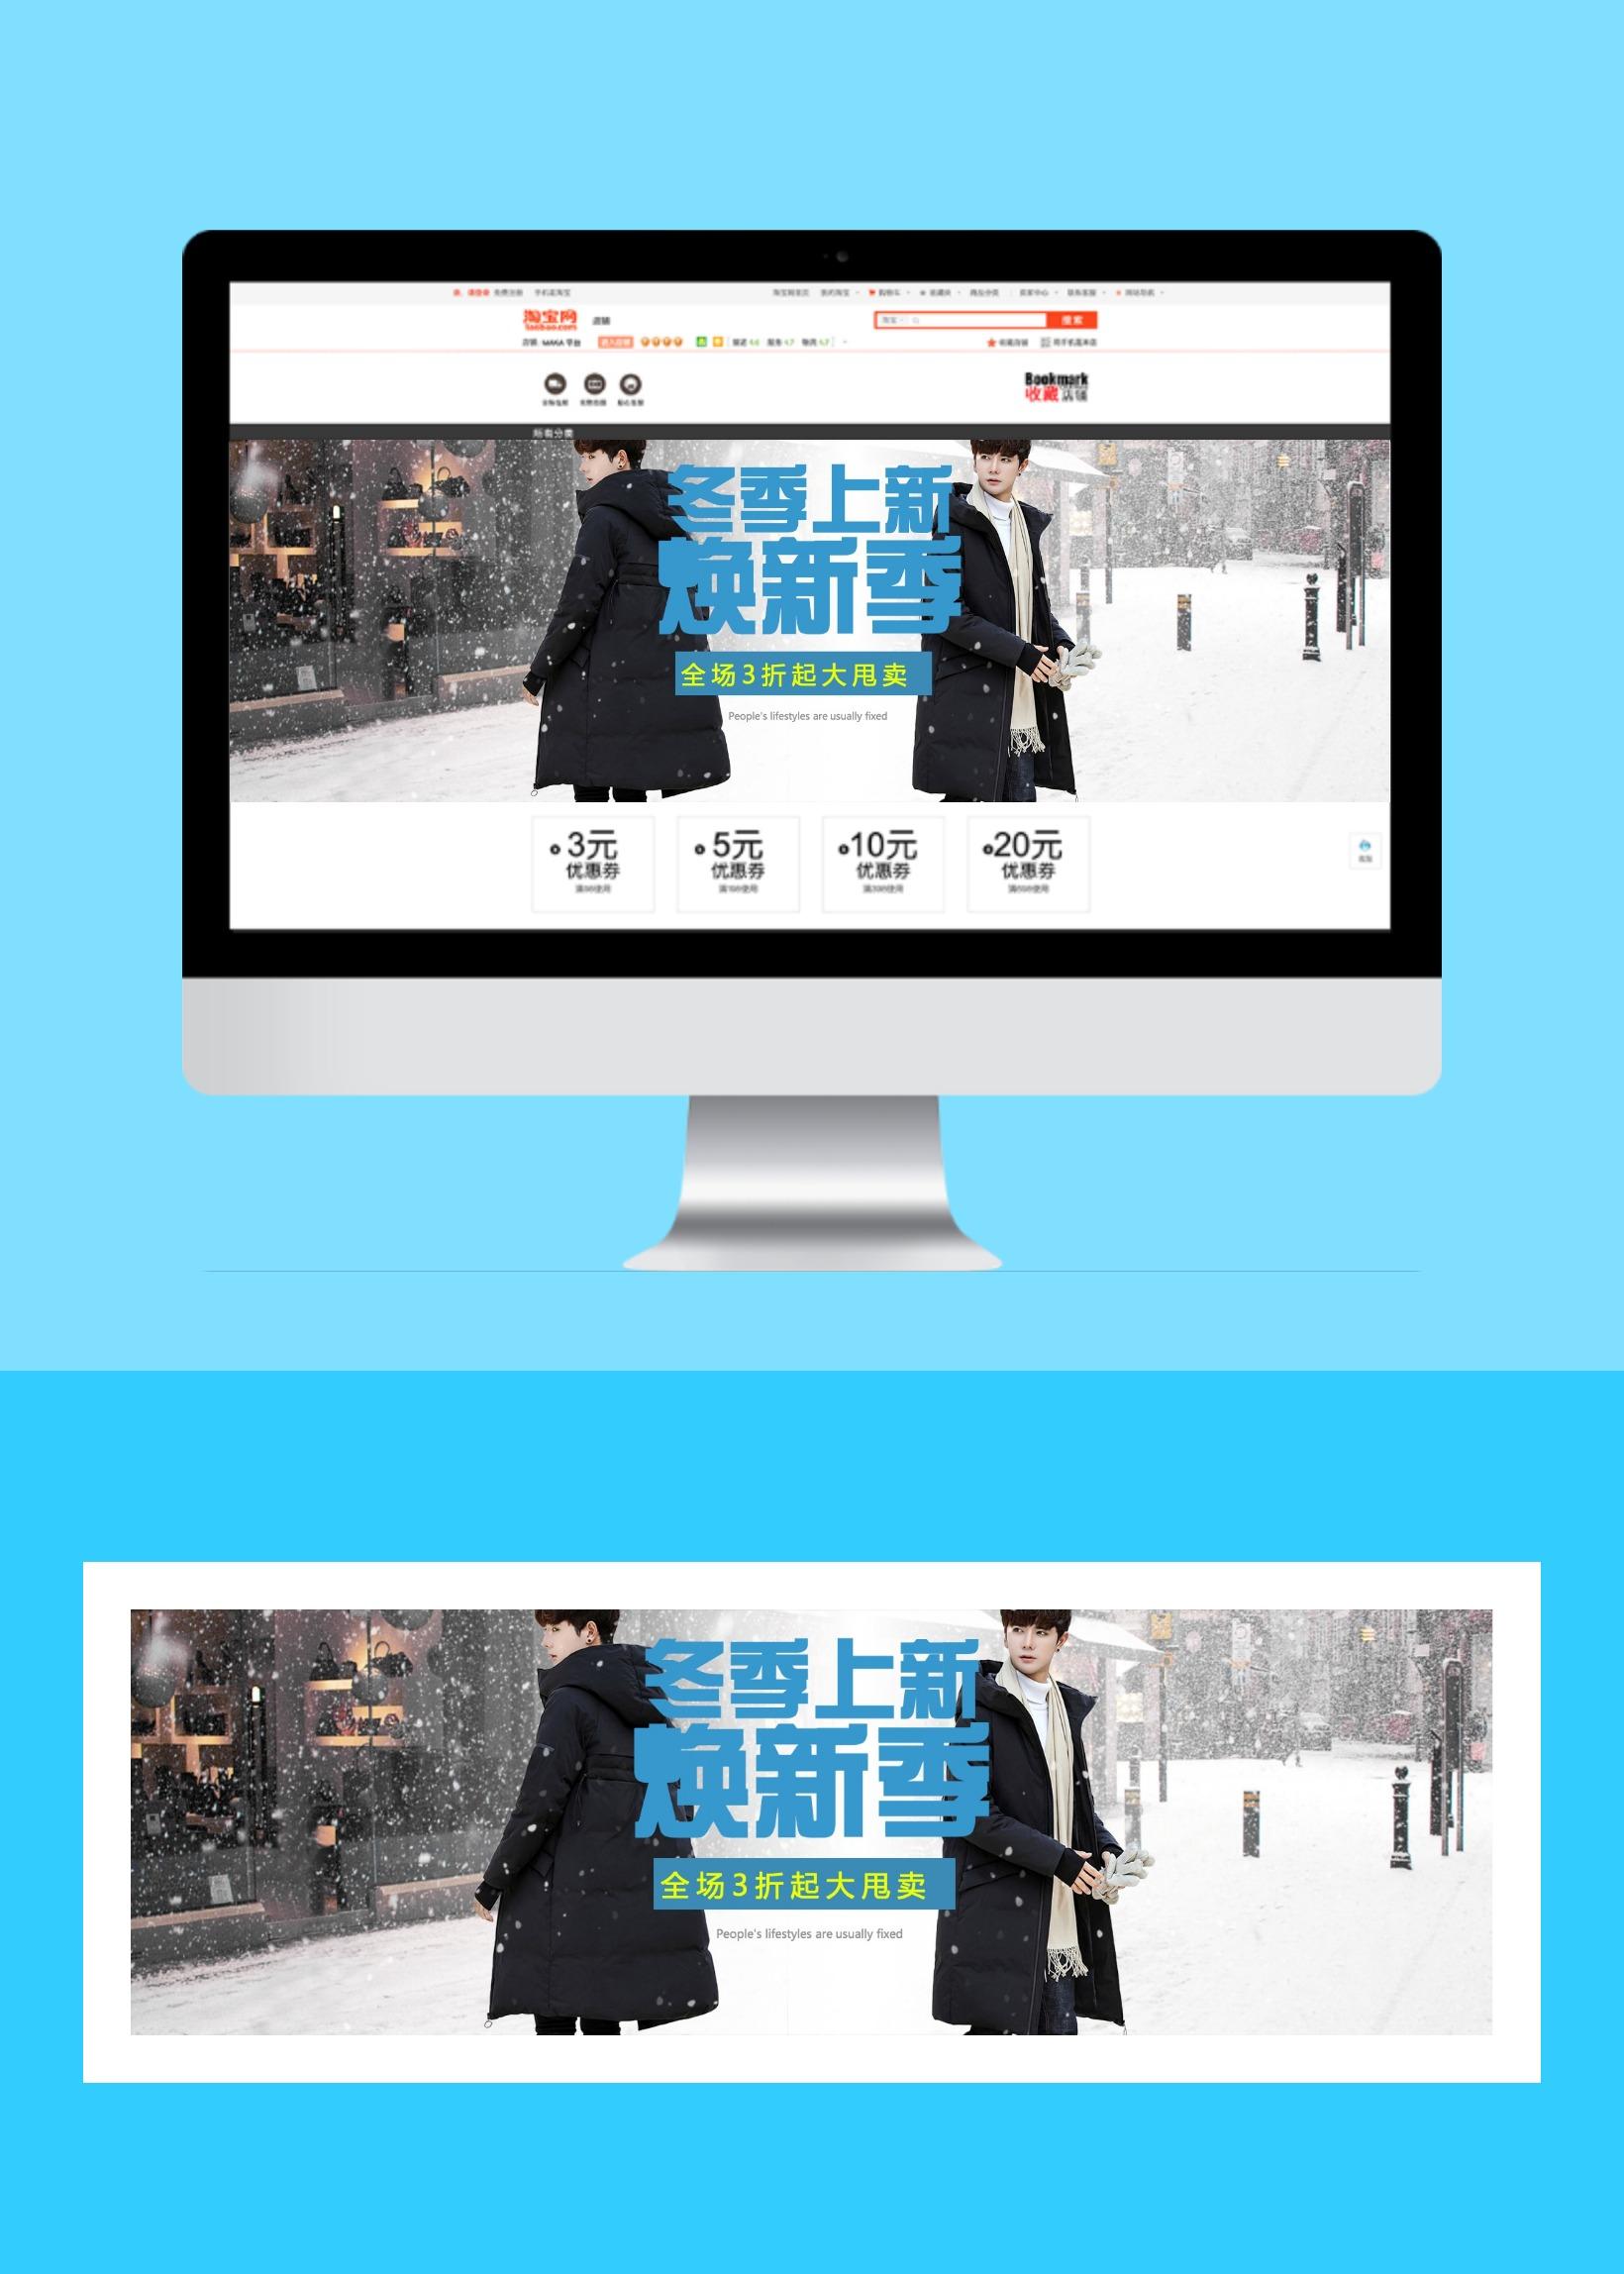 淘宝天猫冬季雪花大雪 小雪首页男装海报模板